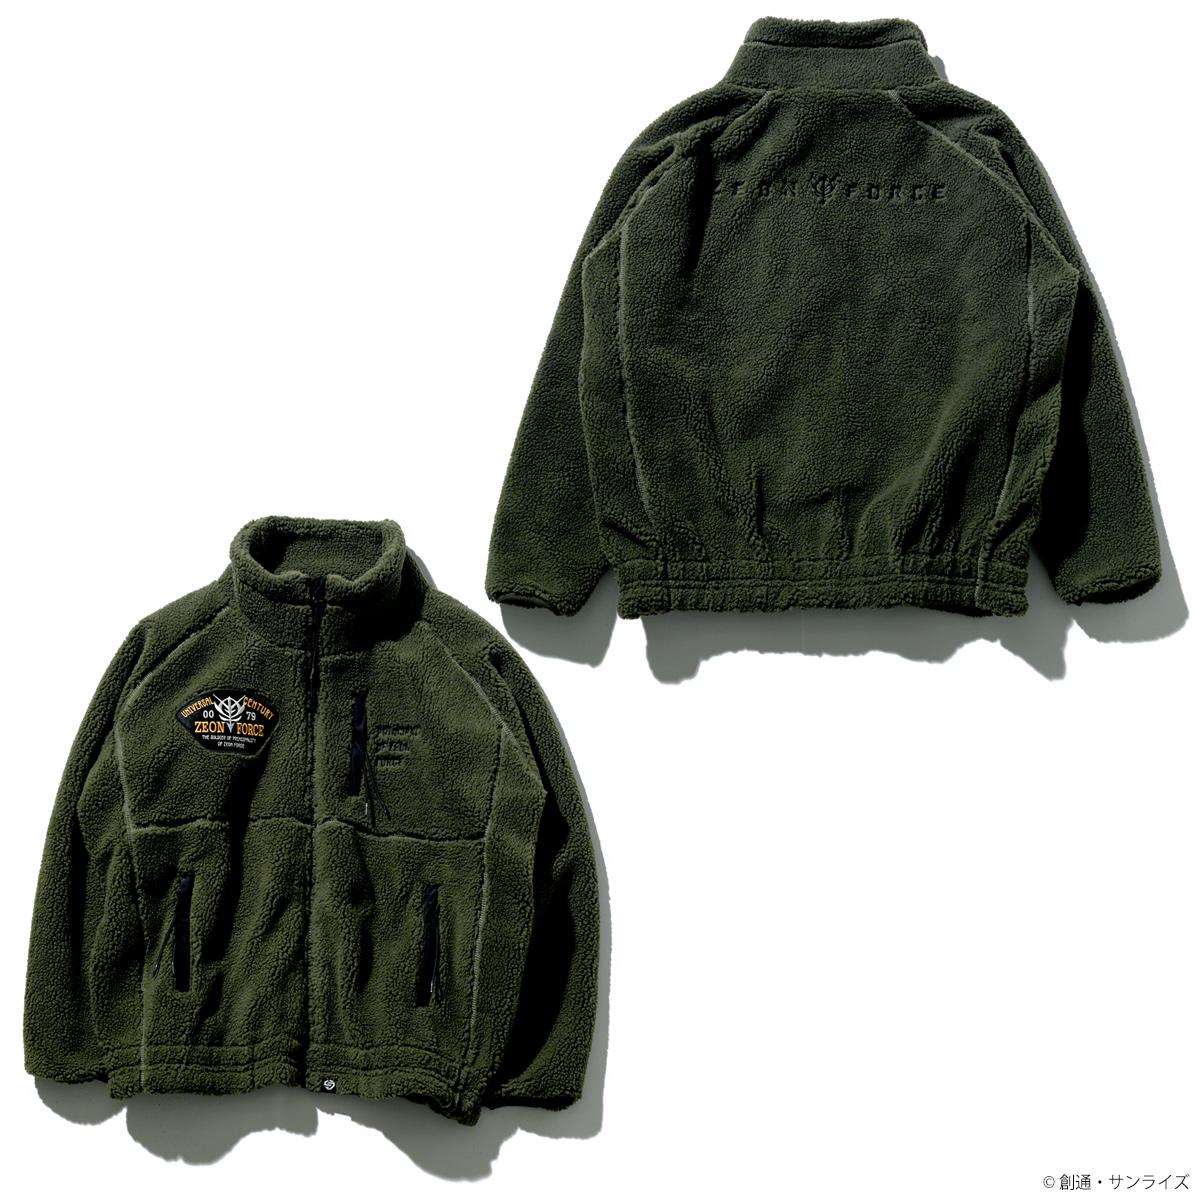 STRICT-G 『機動戦士ガンダム』ボアフリースジャケット ZEONモデル